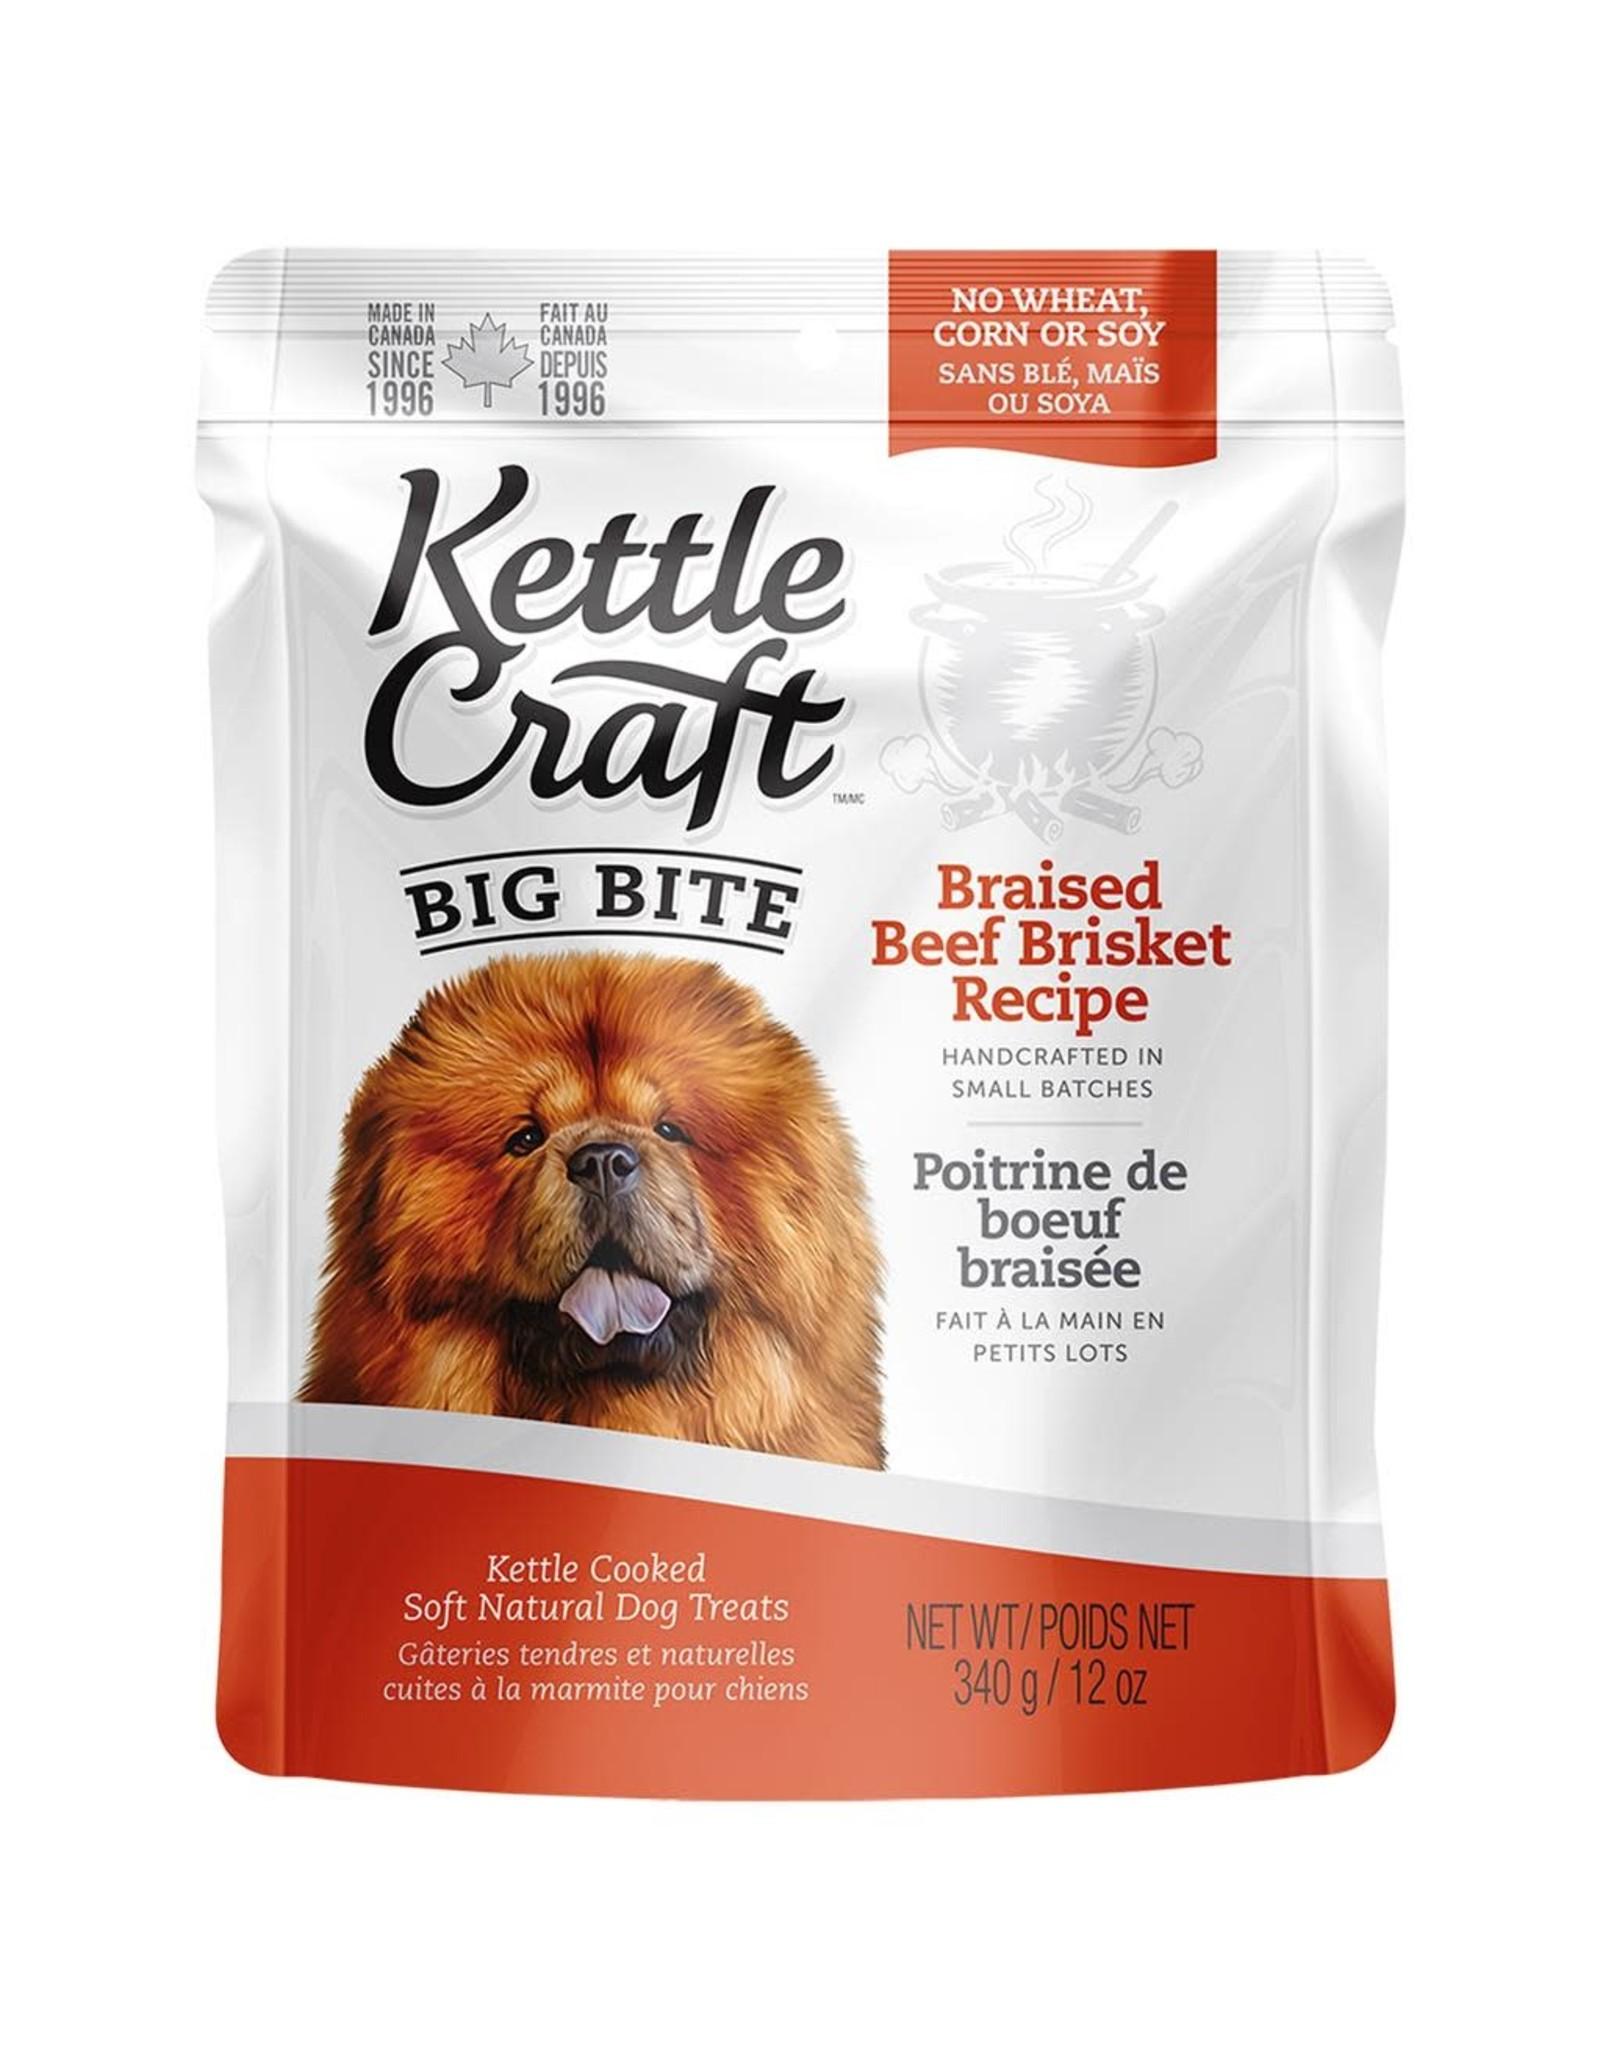 Kettle Craft Kettle Craft Braised Beef Brisket [DOG]